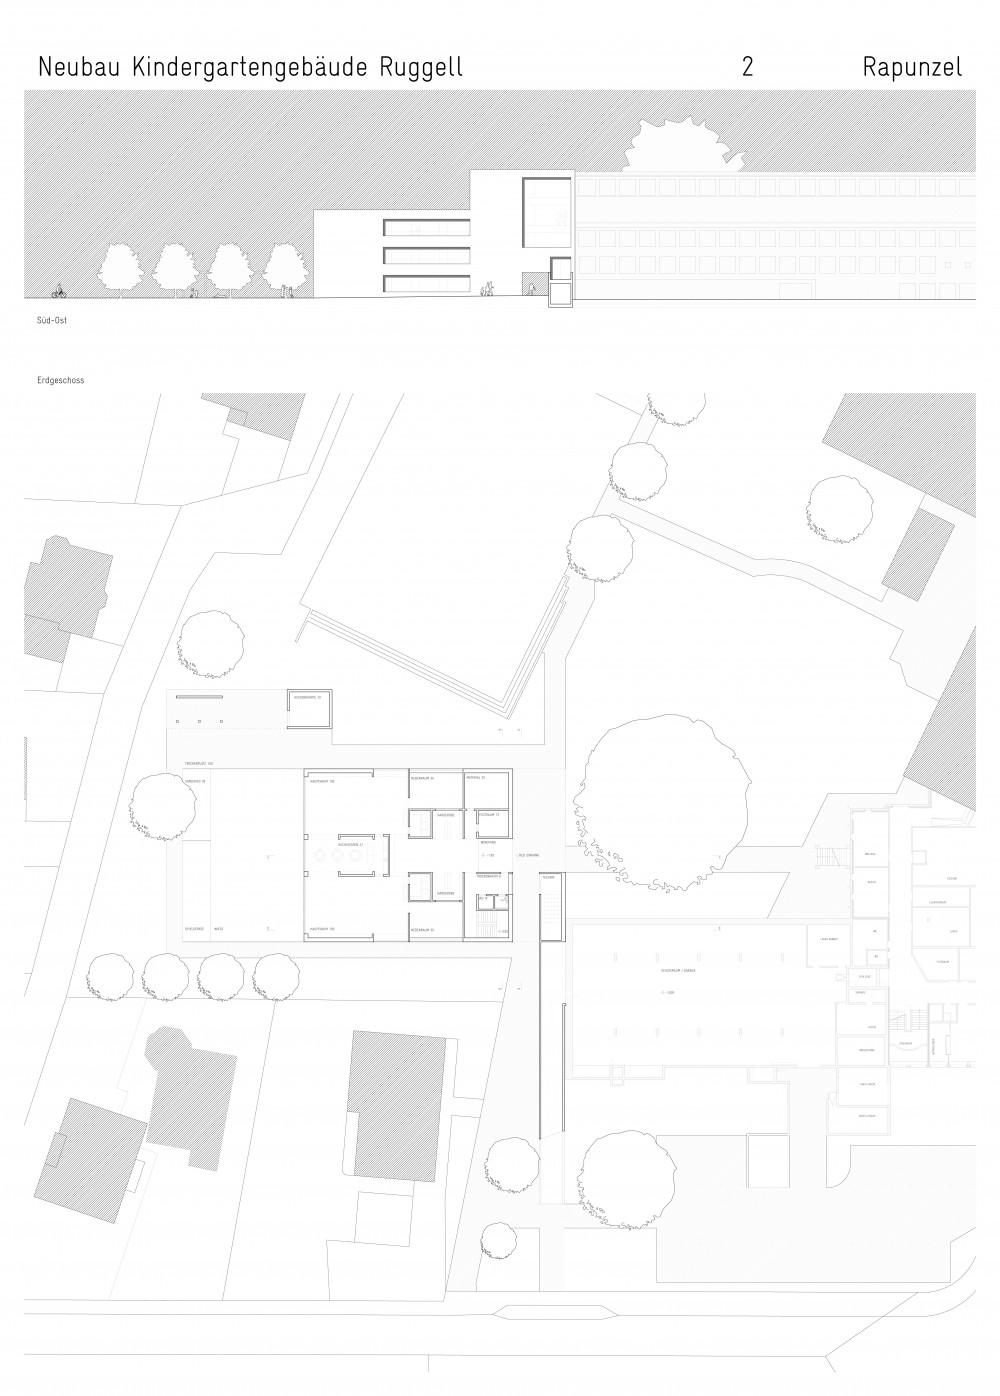 WB Kindergarten Ruggell, 2013 1. Preis